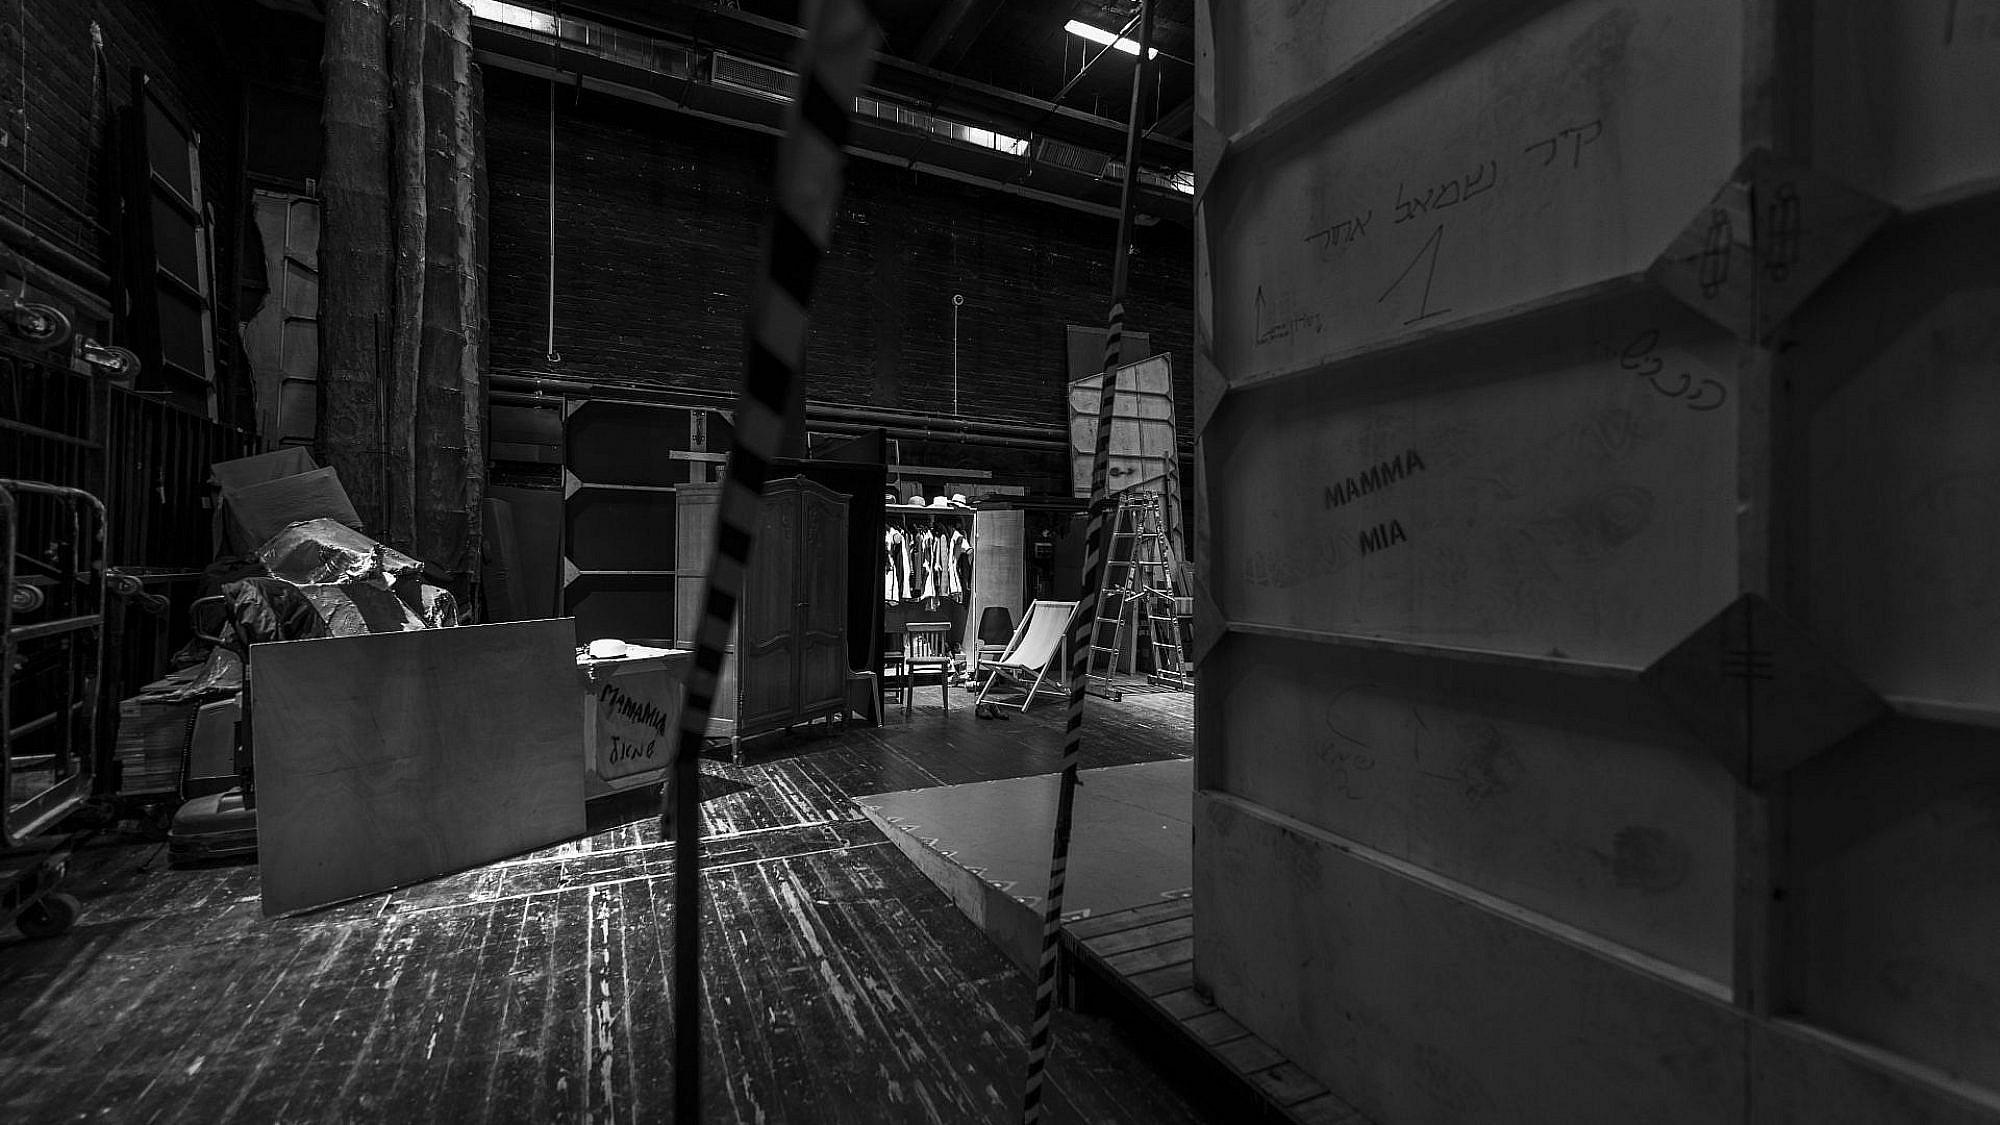 אולם ומלואו. תיאטרון הבימה בקורונה (צילום: איליה מלניקוב)